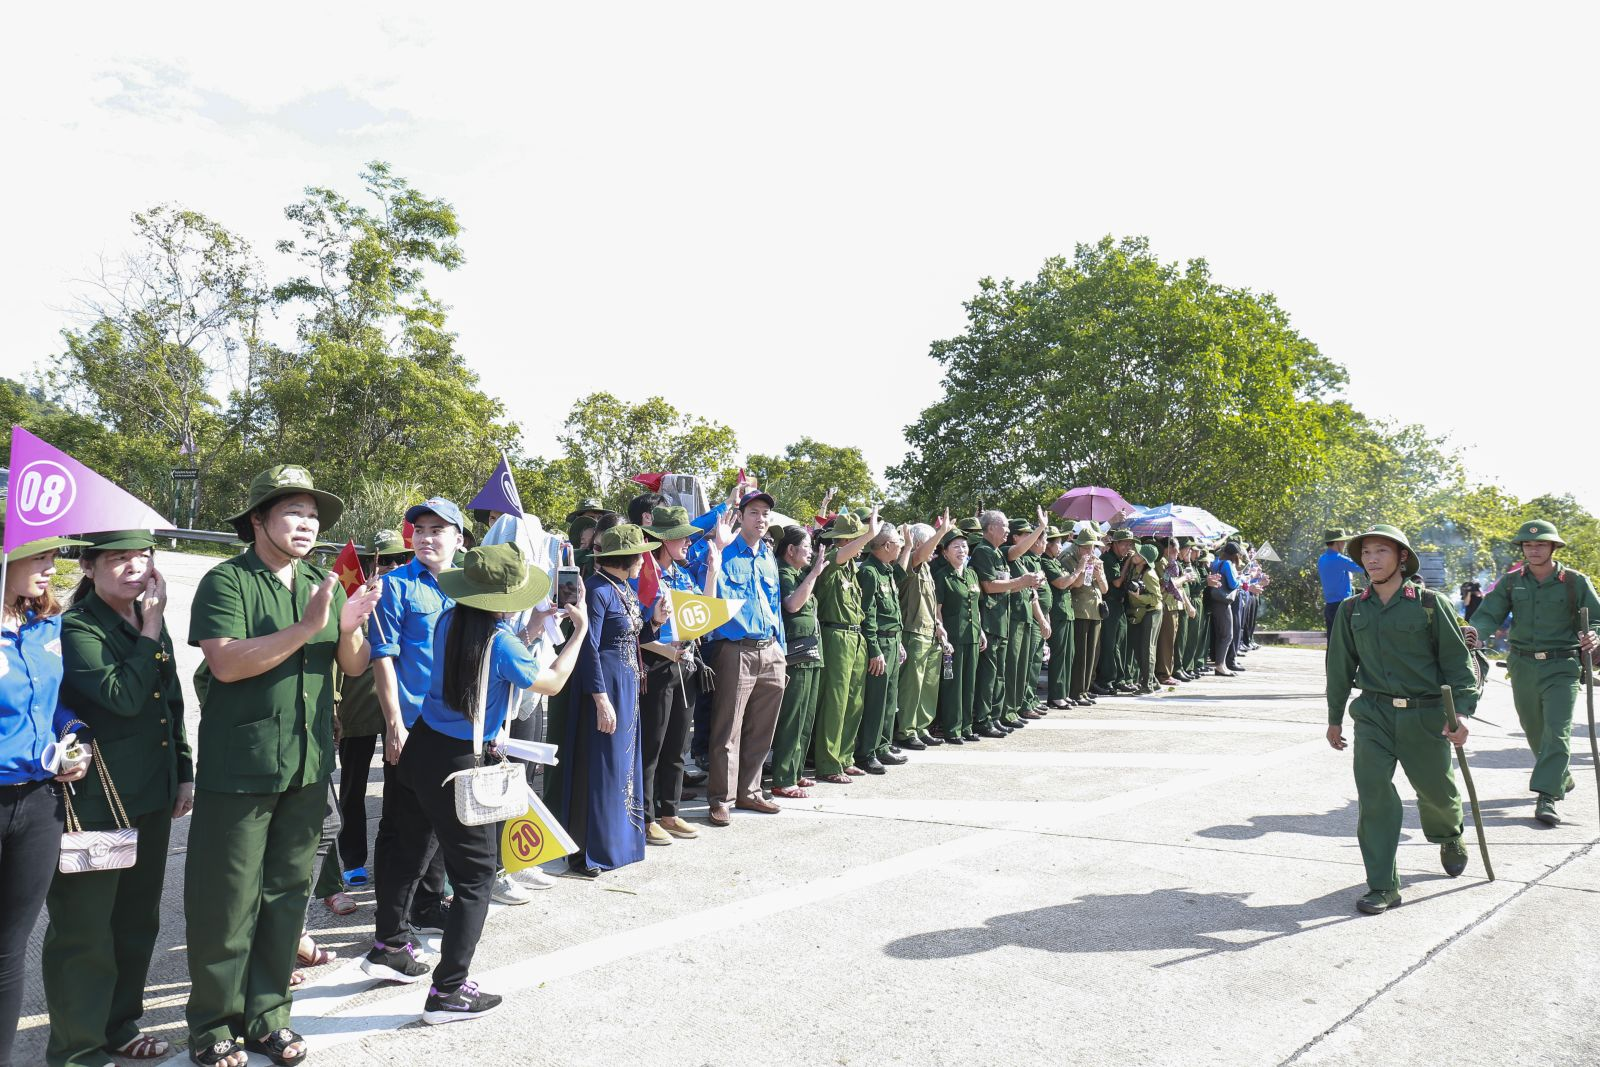 Hội Cựu TNXP tỉnh: hành trình thăm địa chỉ đỏ  của lực lượng Cựu TNXP tỉnh Hưng Yên tham gia mở đường Trường Sơn